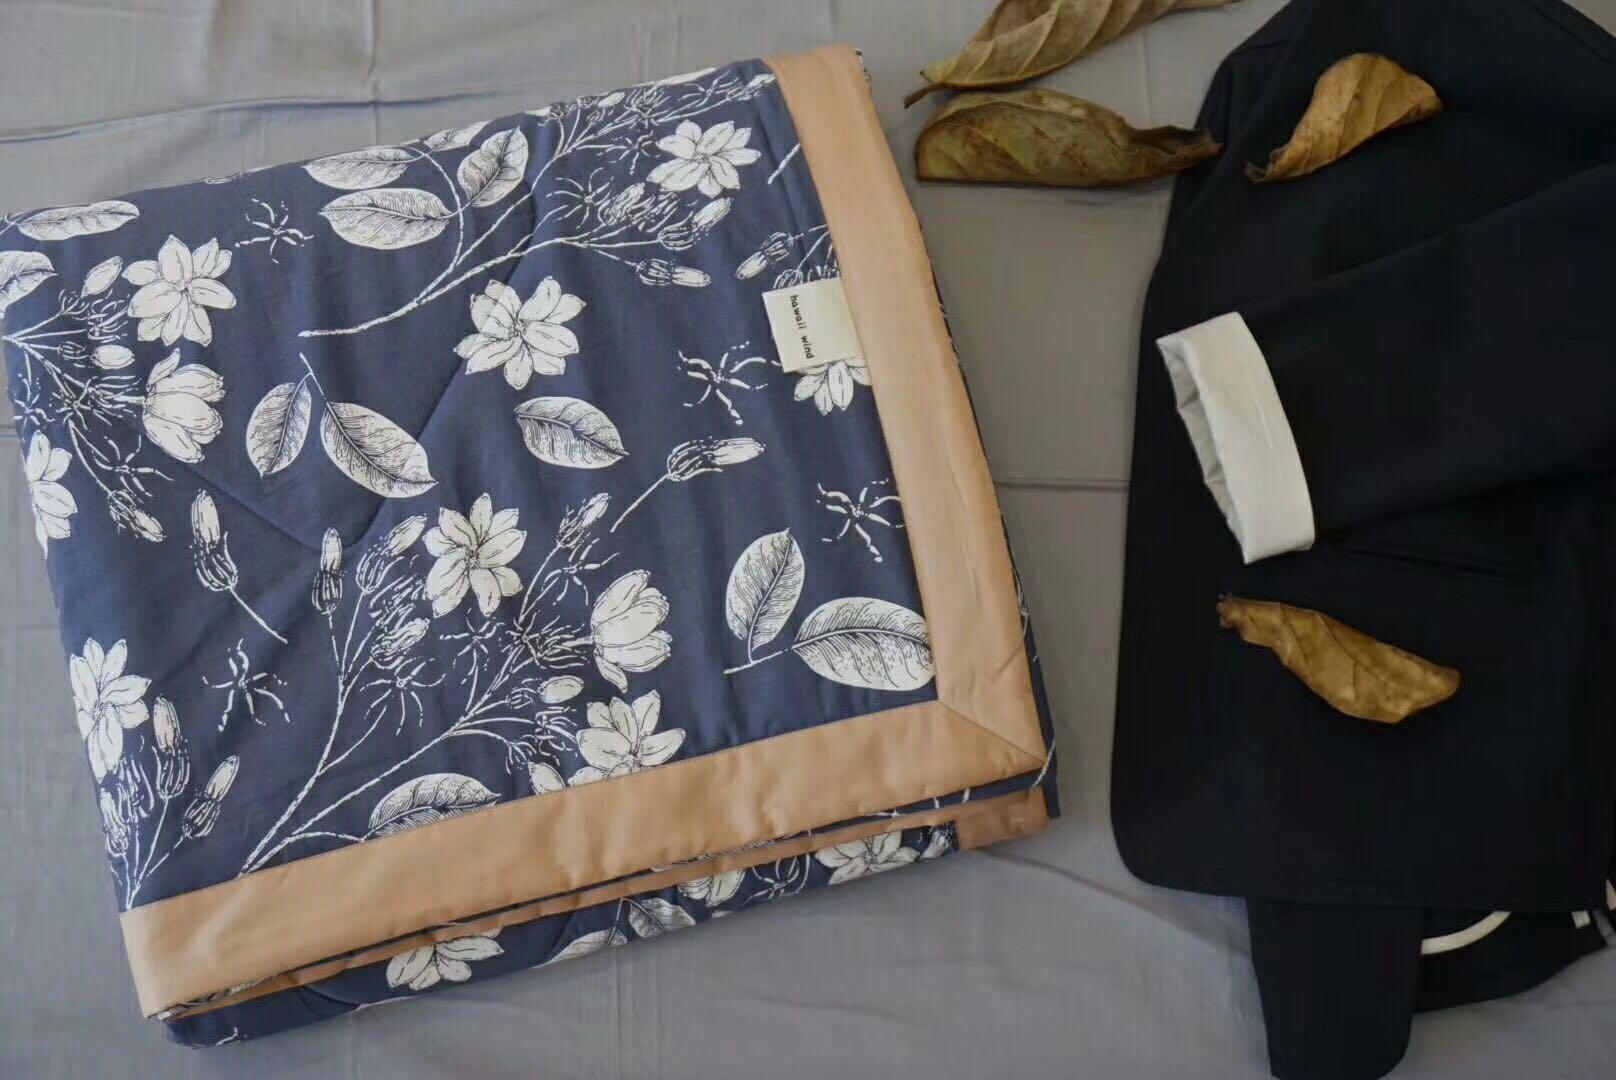 新品60支埃及棉新疆千层棉花碎花薄被子空调夏凉被芯高端